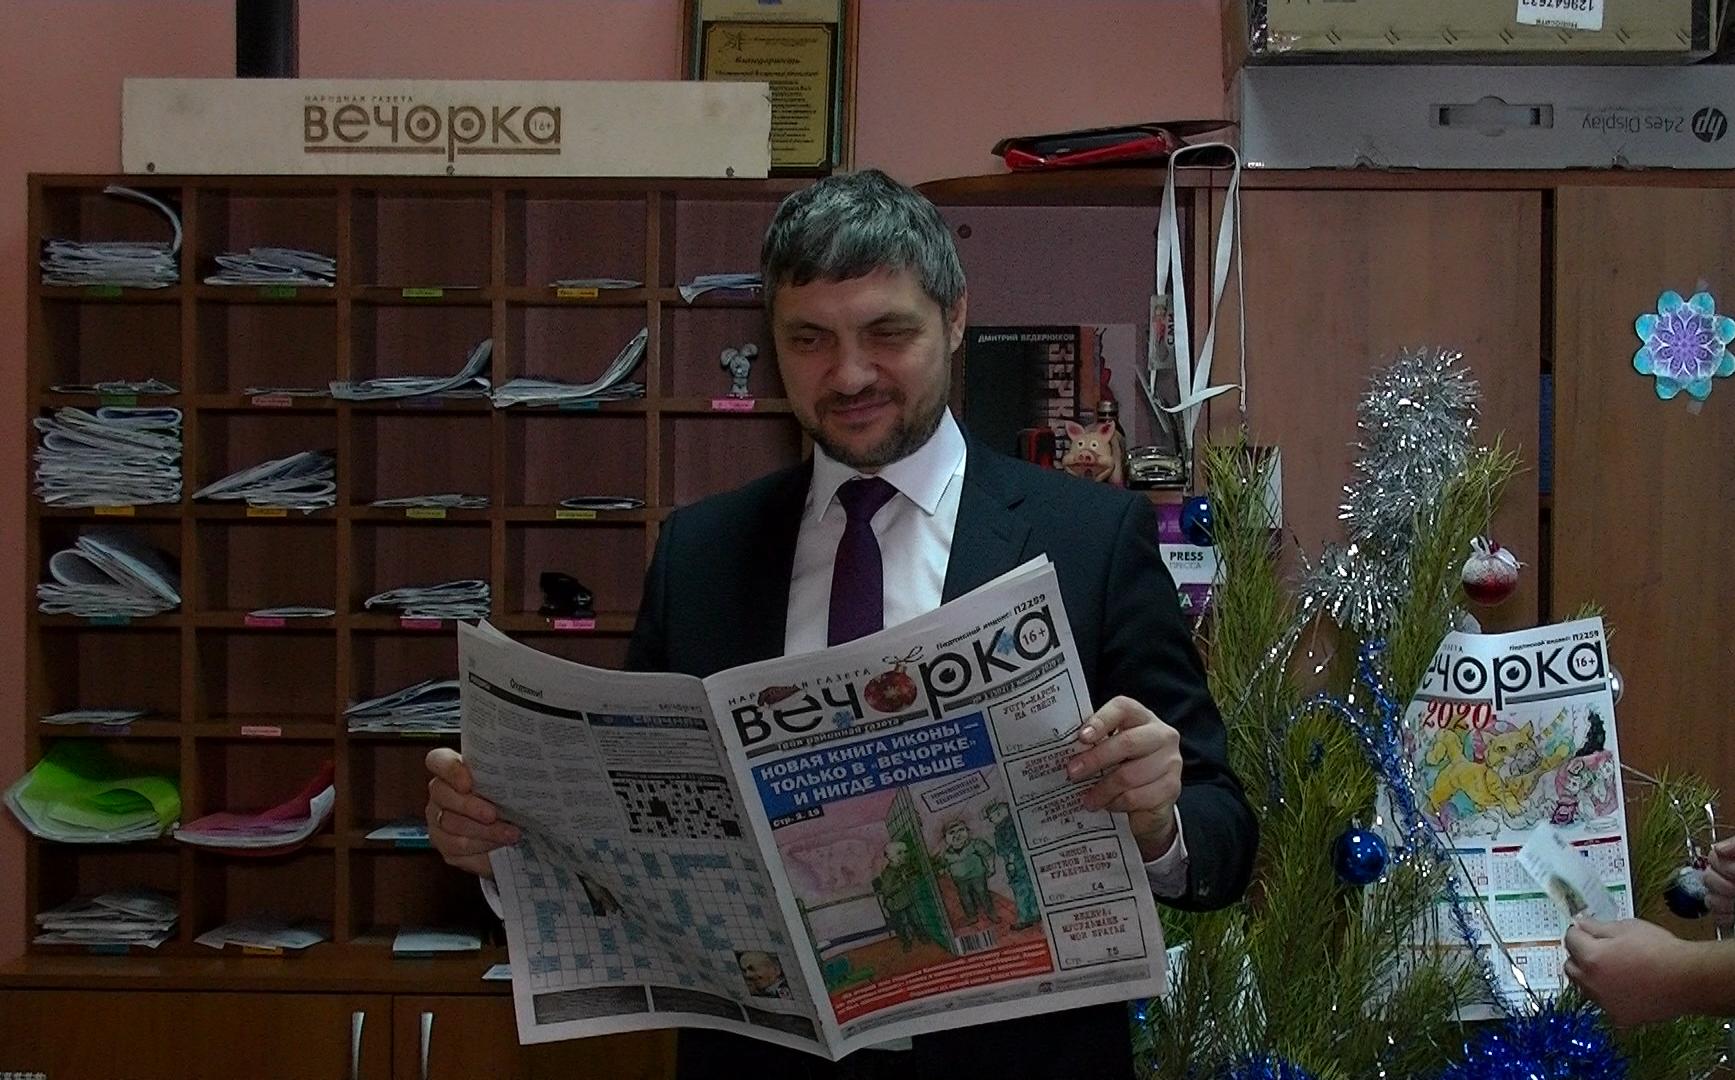 Губернатор Забайкалья выступит в слушаниях Совета Федерации по газификации регионов